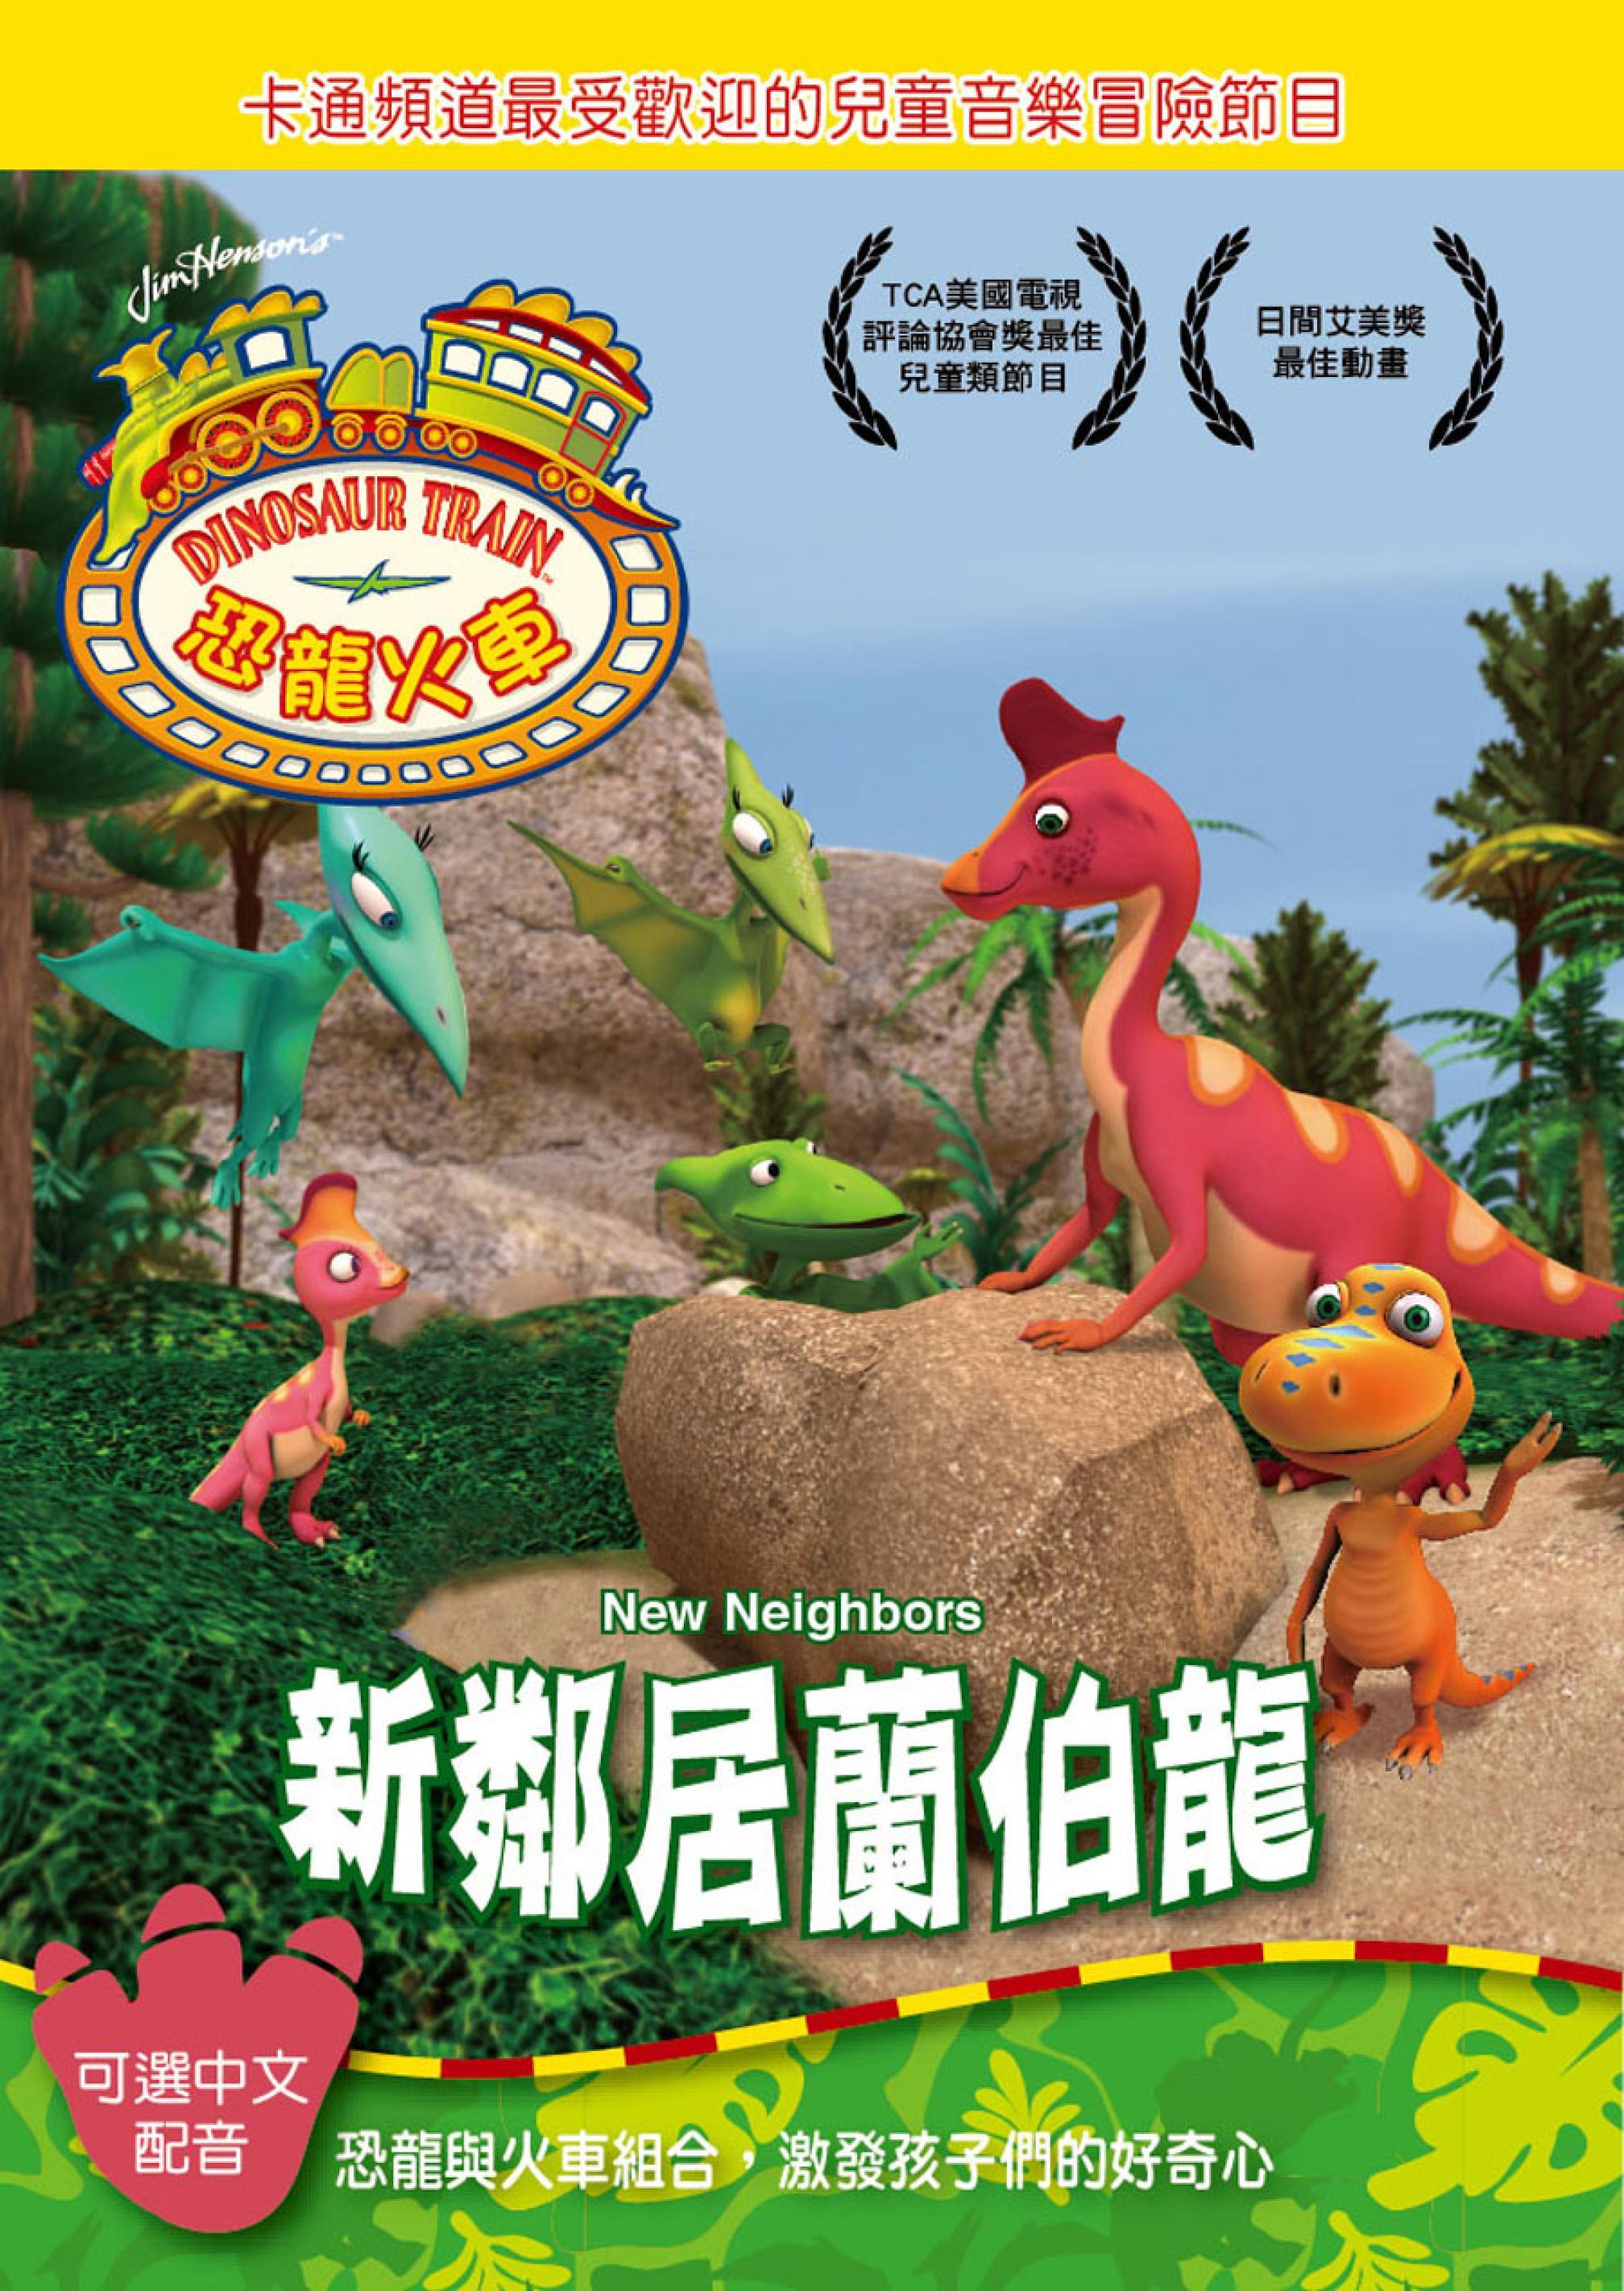 恐龍火車 新鄰居蘭伯龍 - 幼兒卡通 - 幼兒線上看 - myVideo | 陪你每一刻